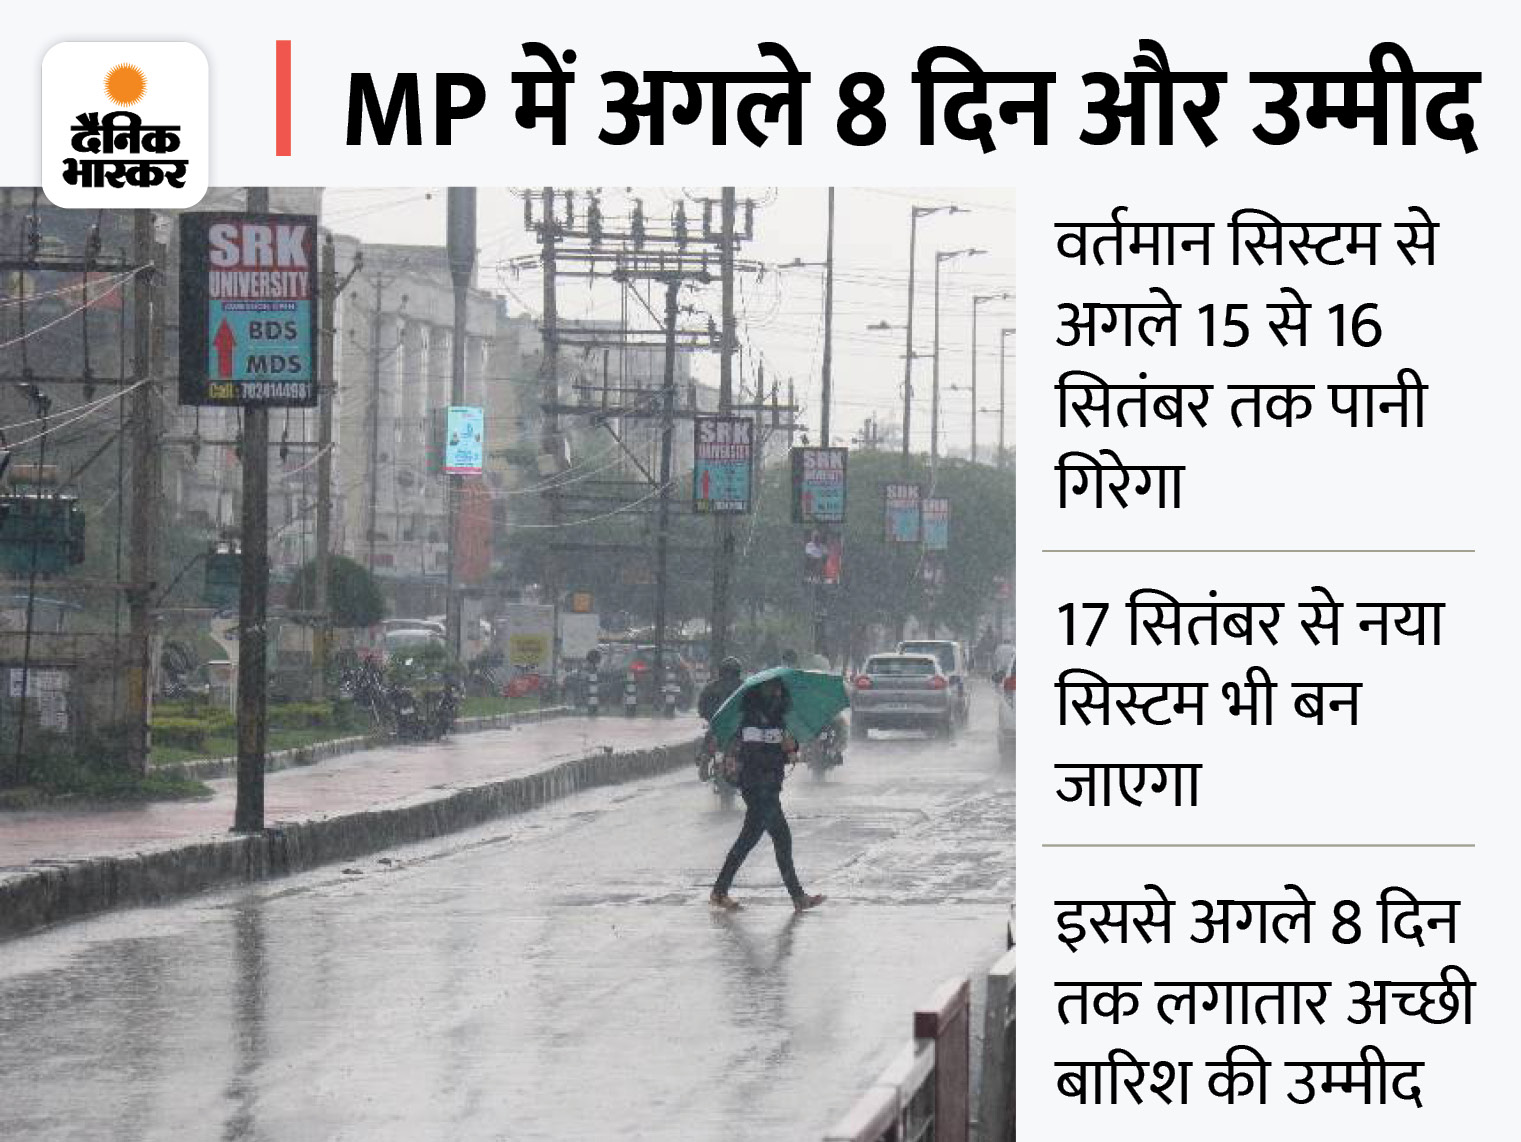 भोपाल में सुबह से धूप के बाद तेज बौछारें; इंदौर में तेज बारिश, अगले 24 घंटे में प्रदेश भर में अच्छी बारिश के आसार, 22 जिलों में अलर्ट|मध्य प्रदेश,Madhya Pradesh - Dainik Bhaskar